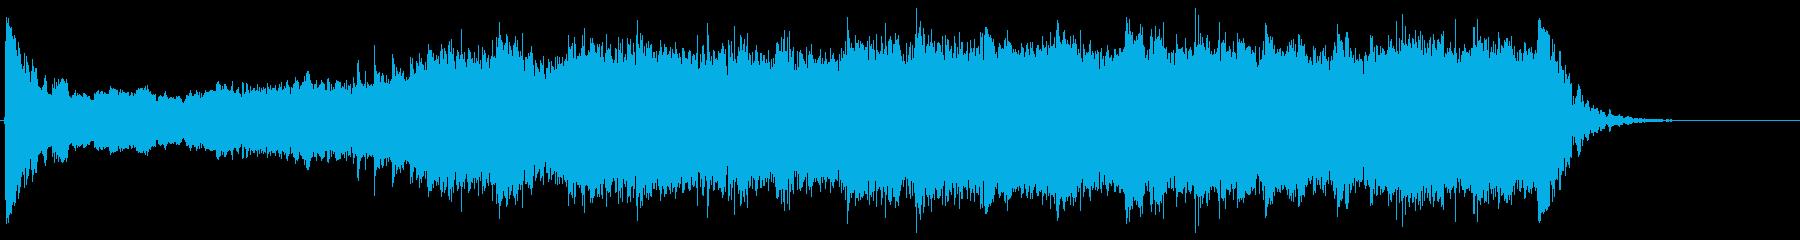 重厚で威厳ある和風オープニング太鼓/篠笛の再生済みの波形